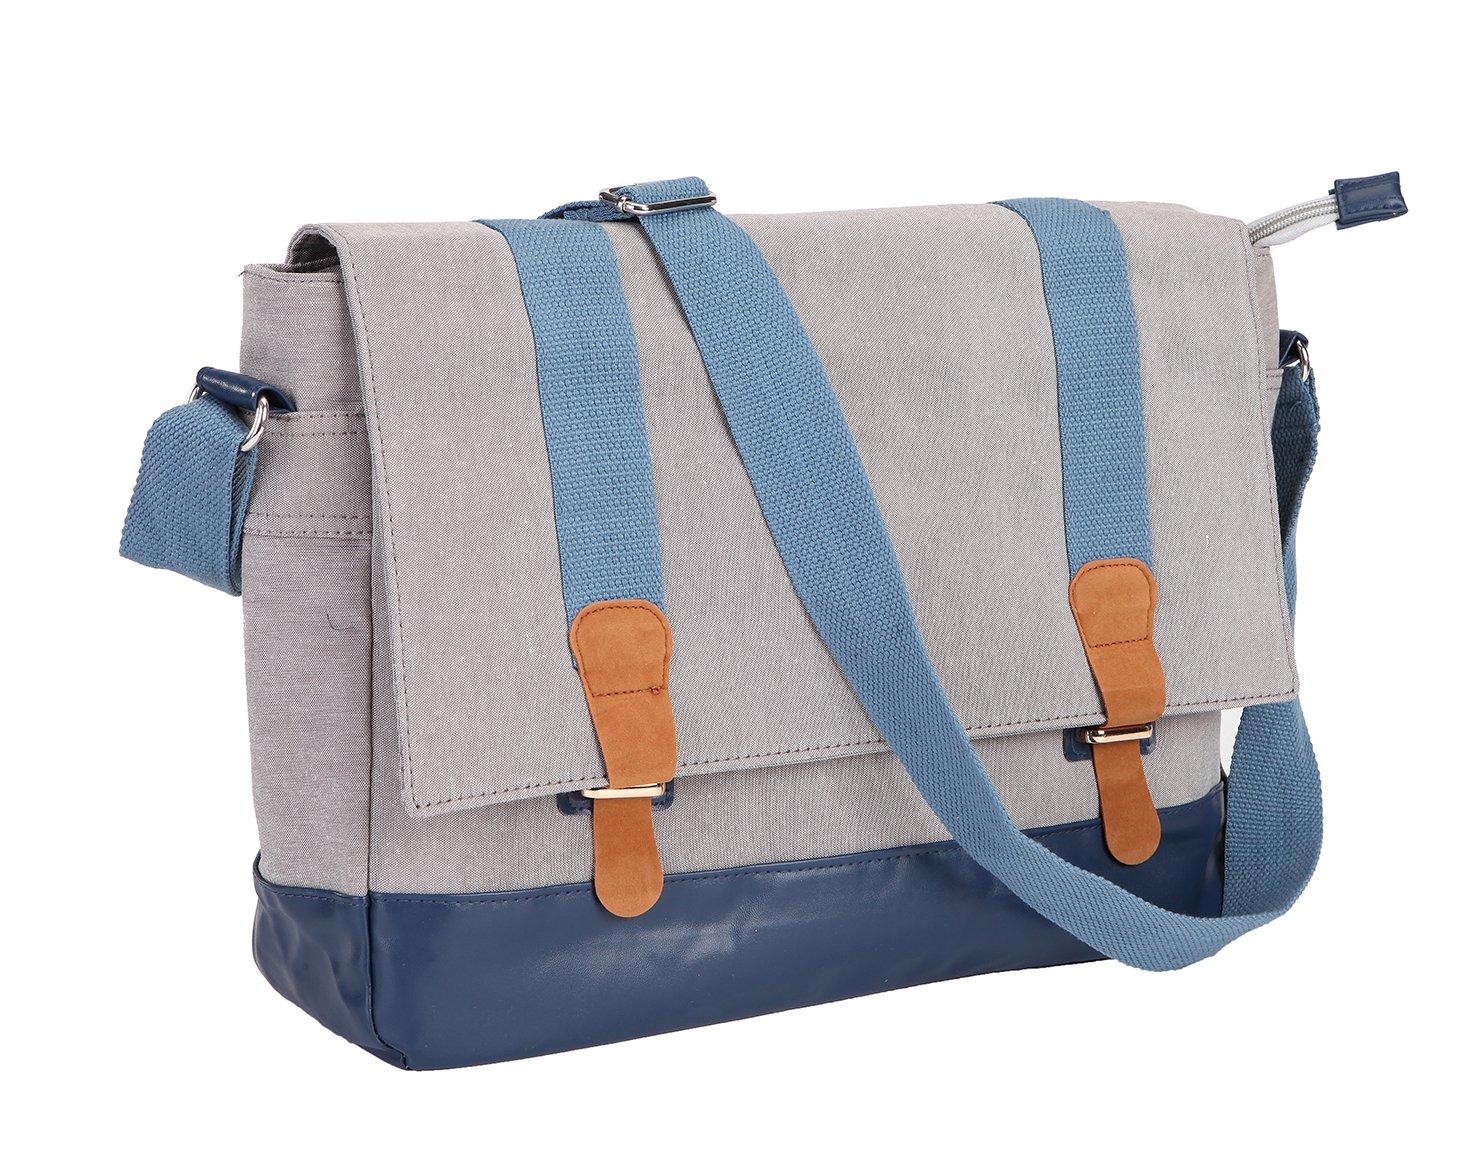 Tisomen Waterproof Crossbody Shoulder Bag School Satchel Casual Daily Messenger Bag for Women and Men (Light Grey)